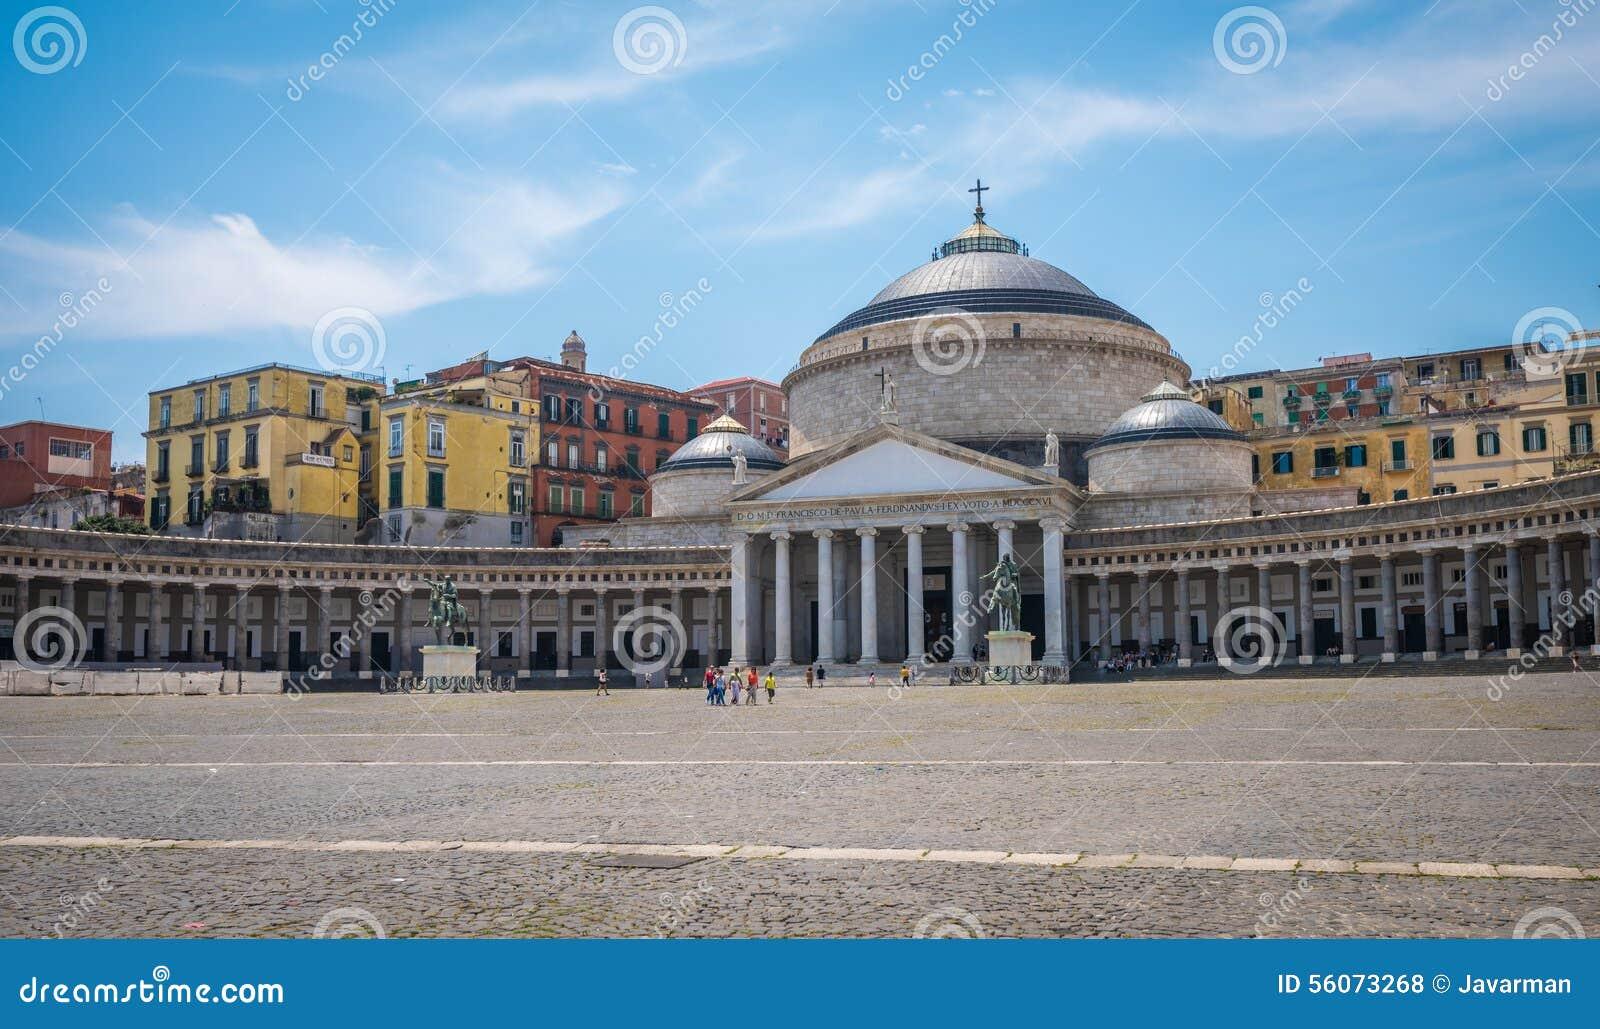 Piazza del Plebiscito, Naples, capital of Campania, Italy